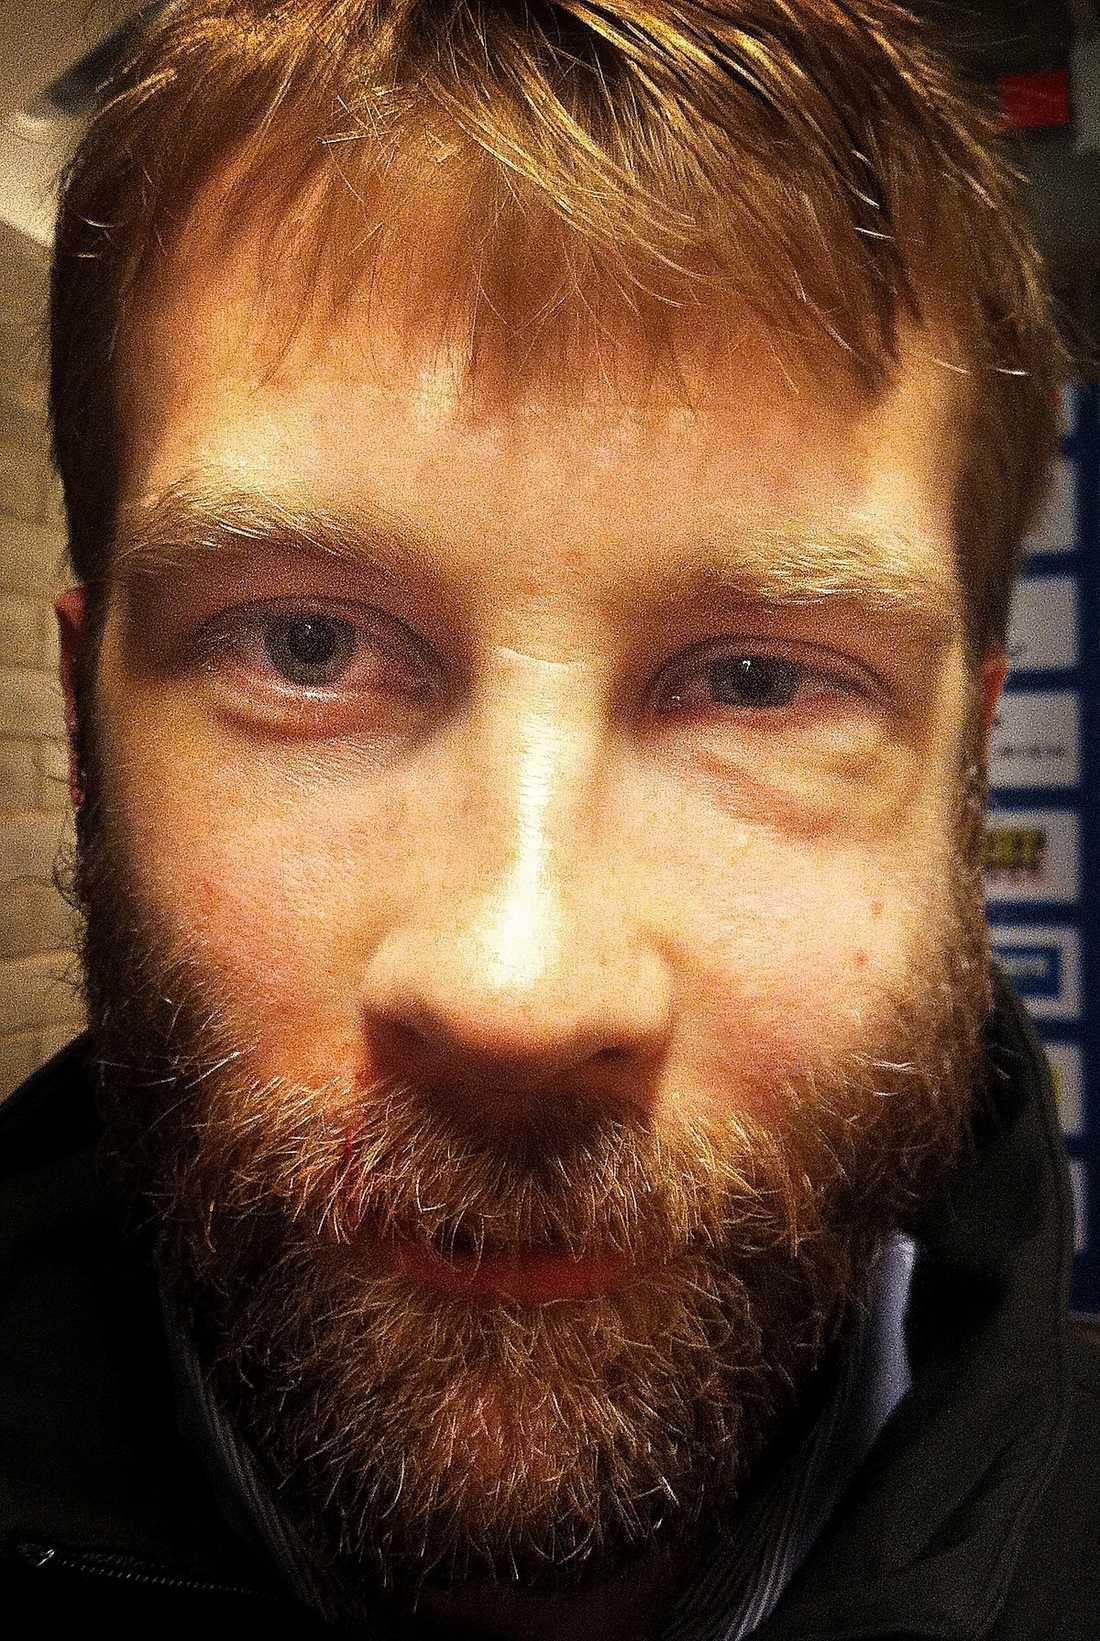 Emil Kåbergs sargade ansikte.